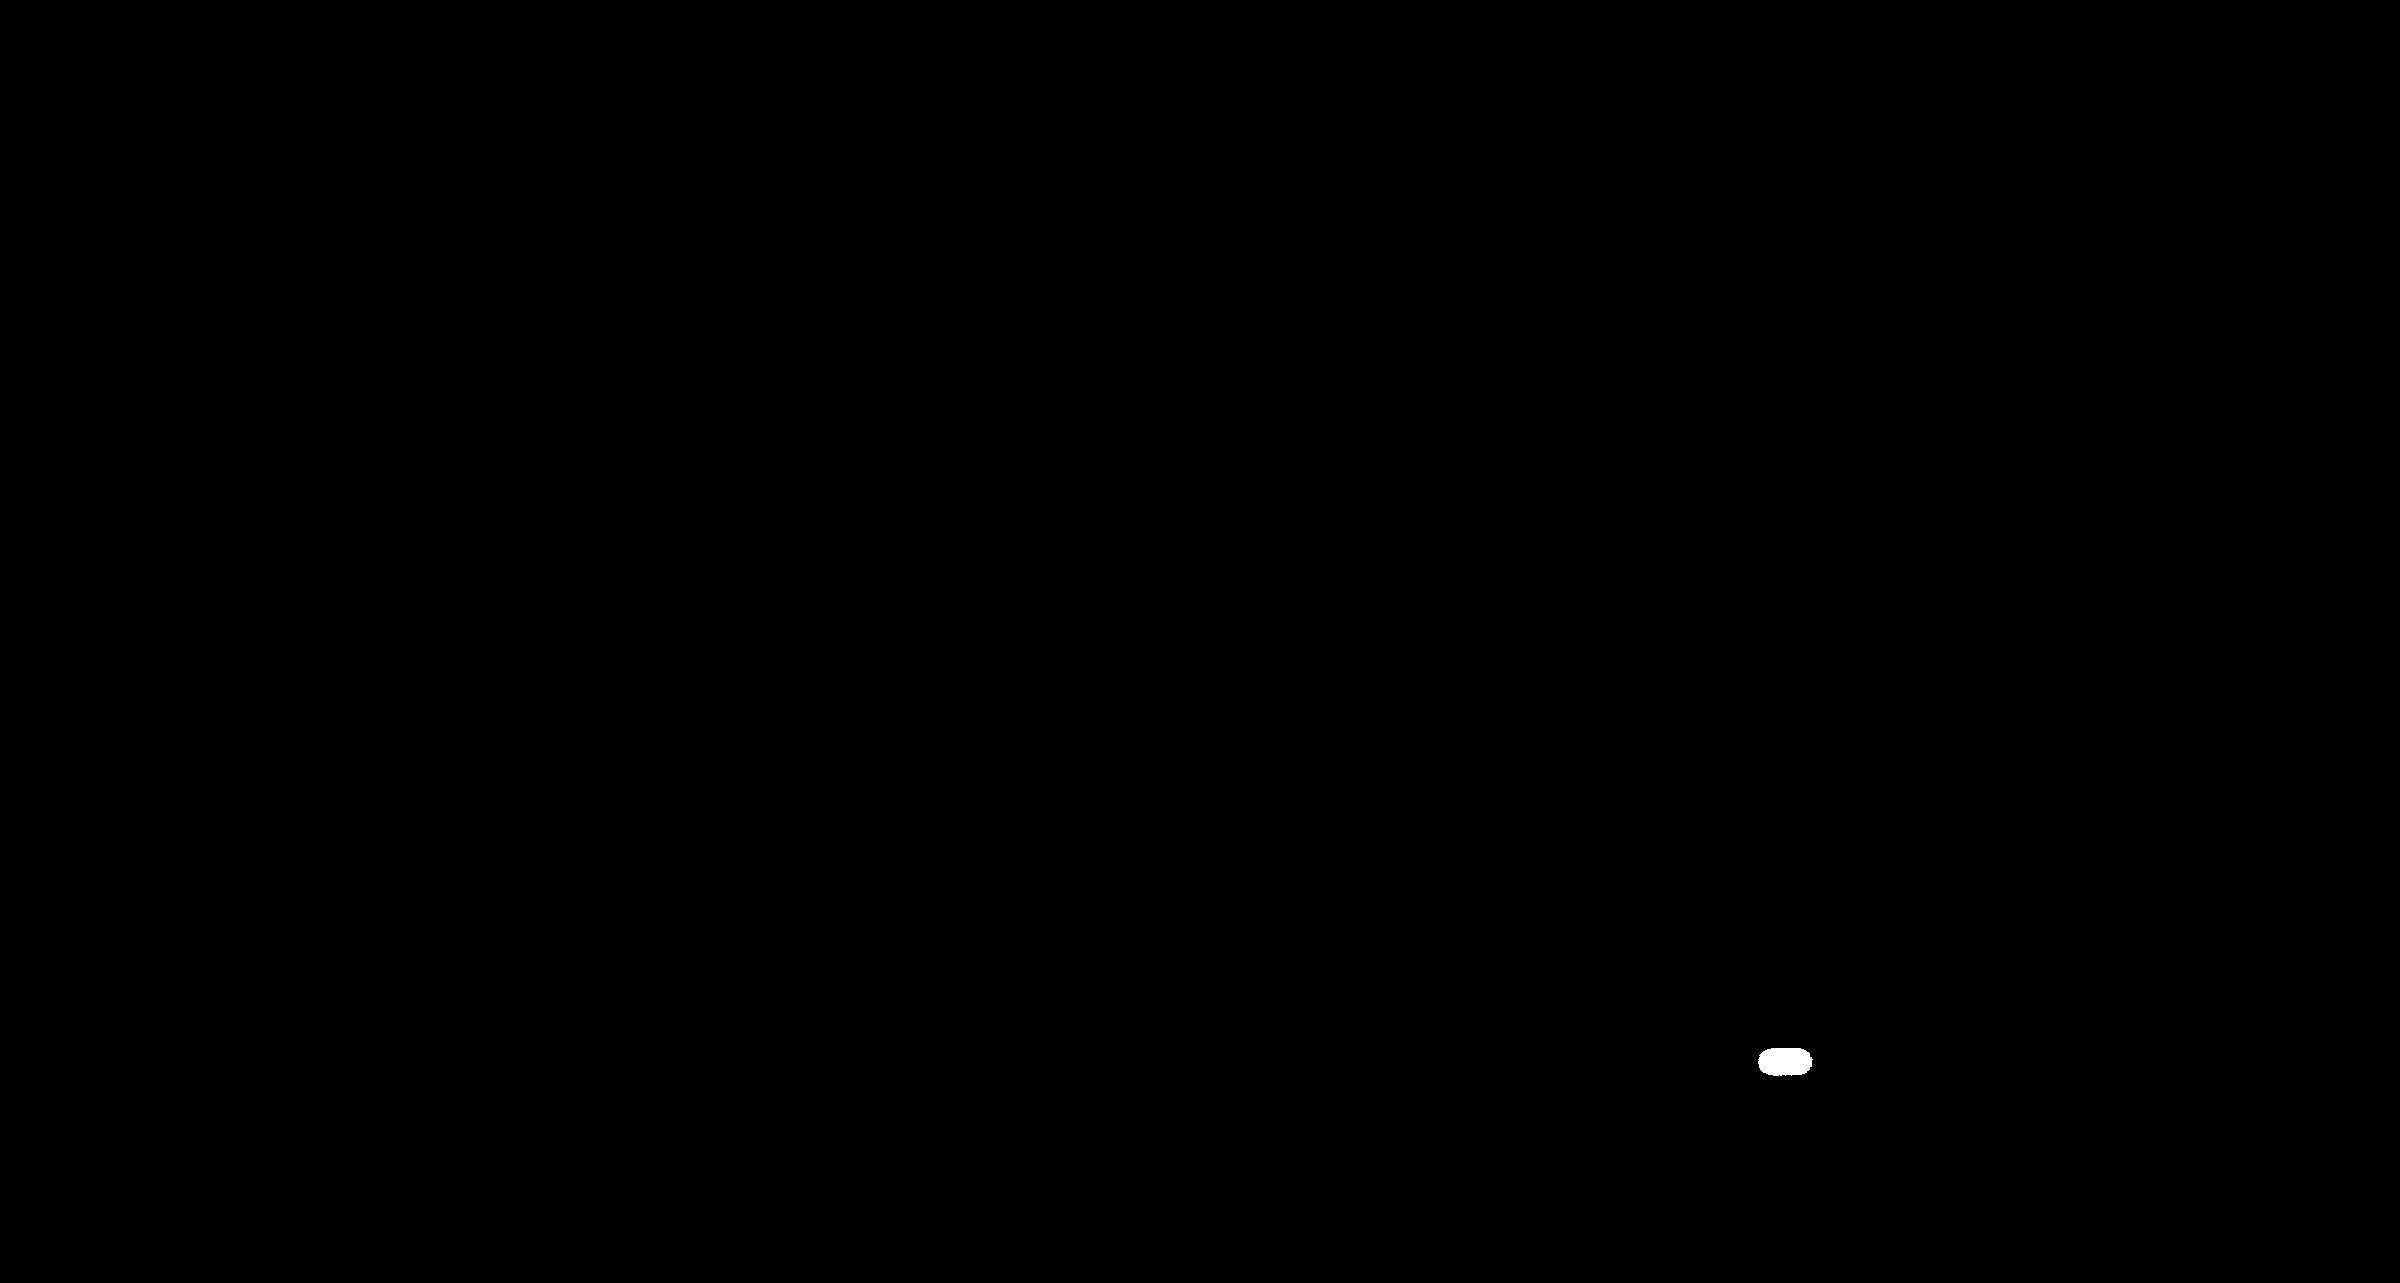 Crodh Dubh